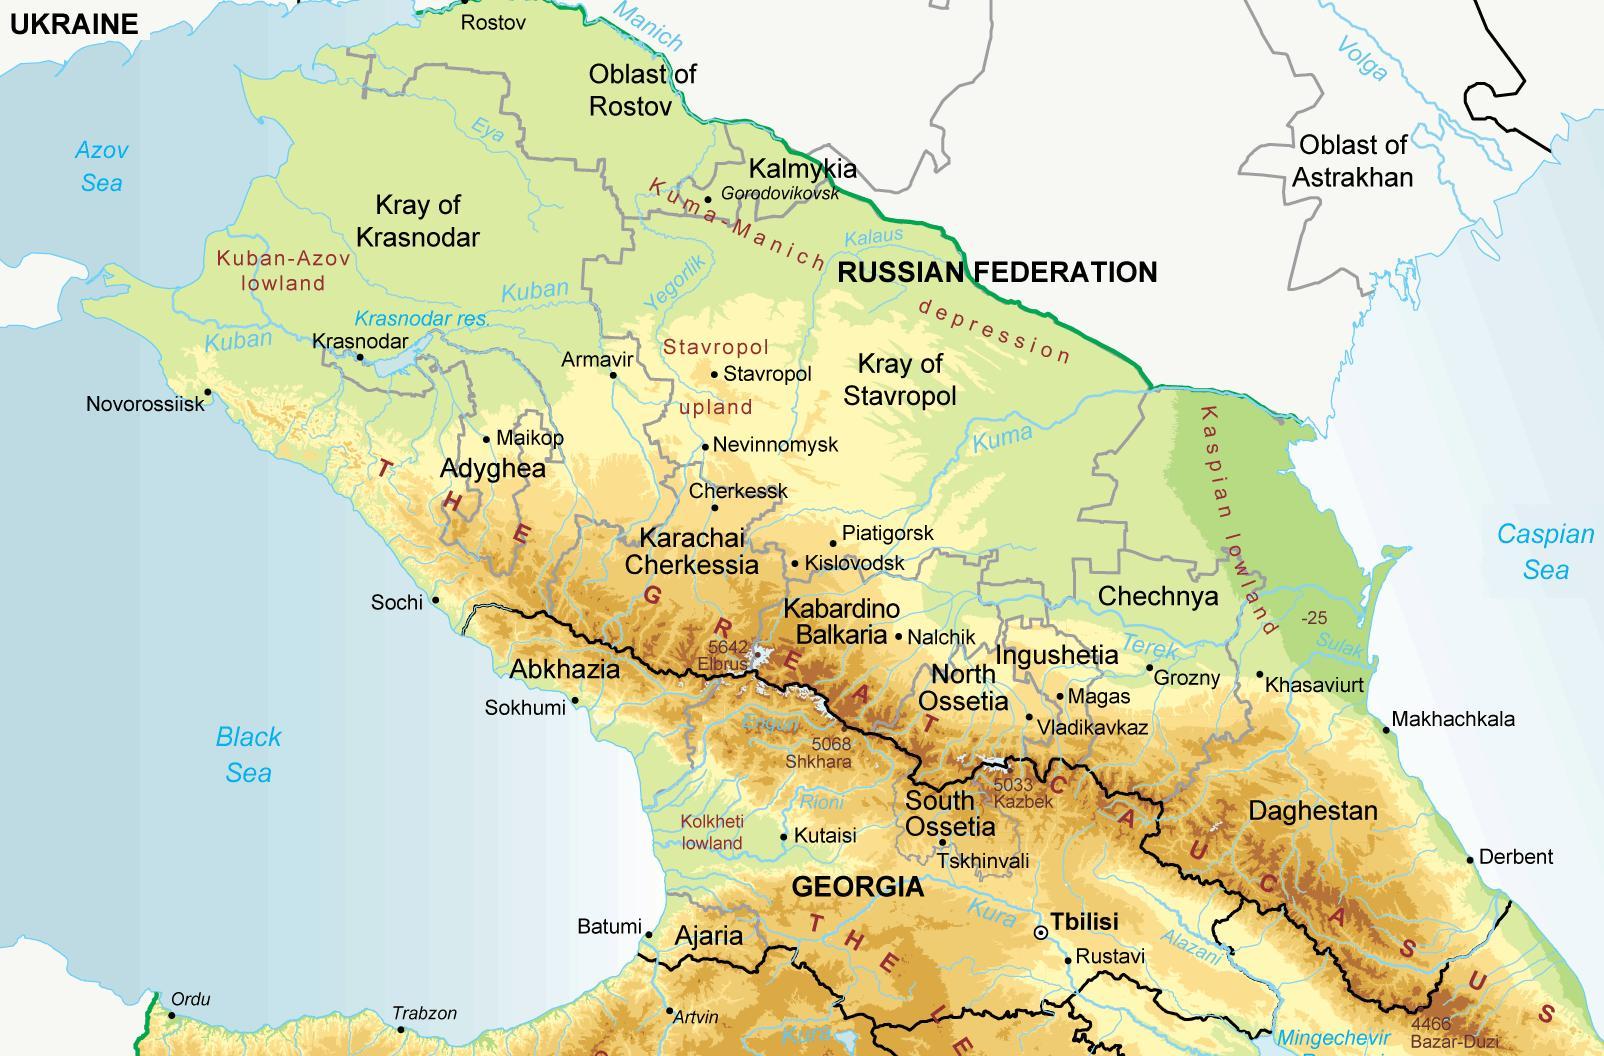 Caucasus #4